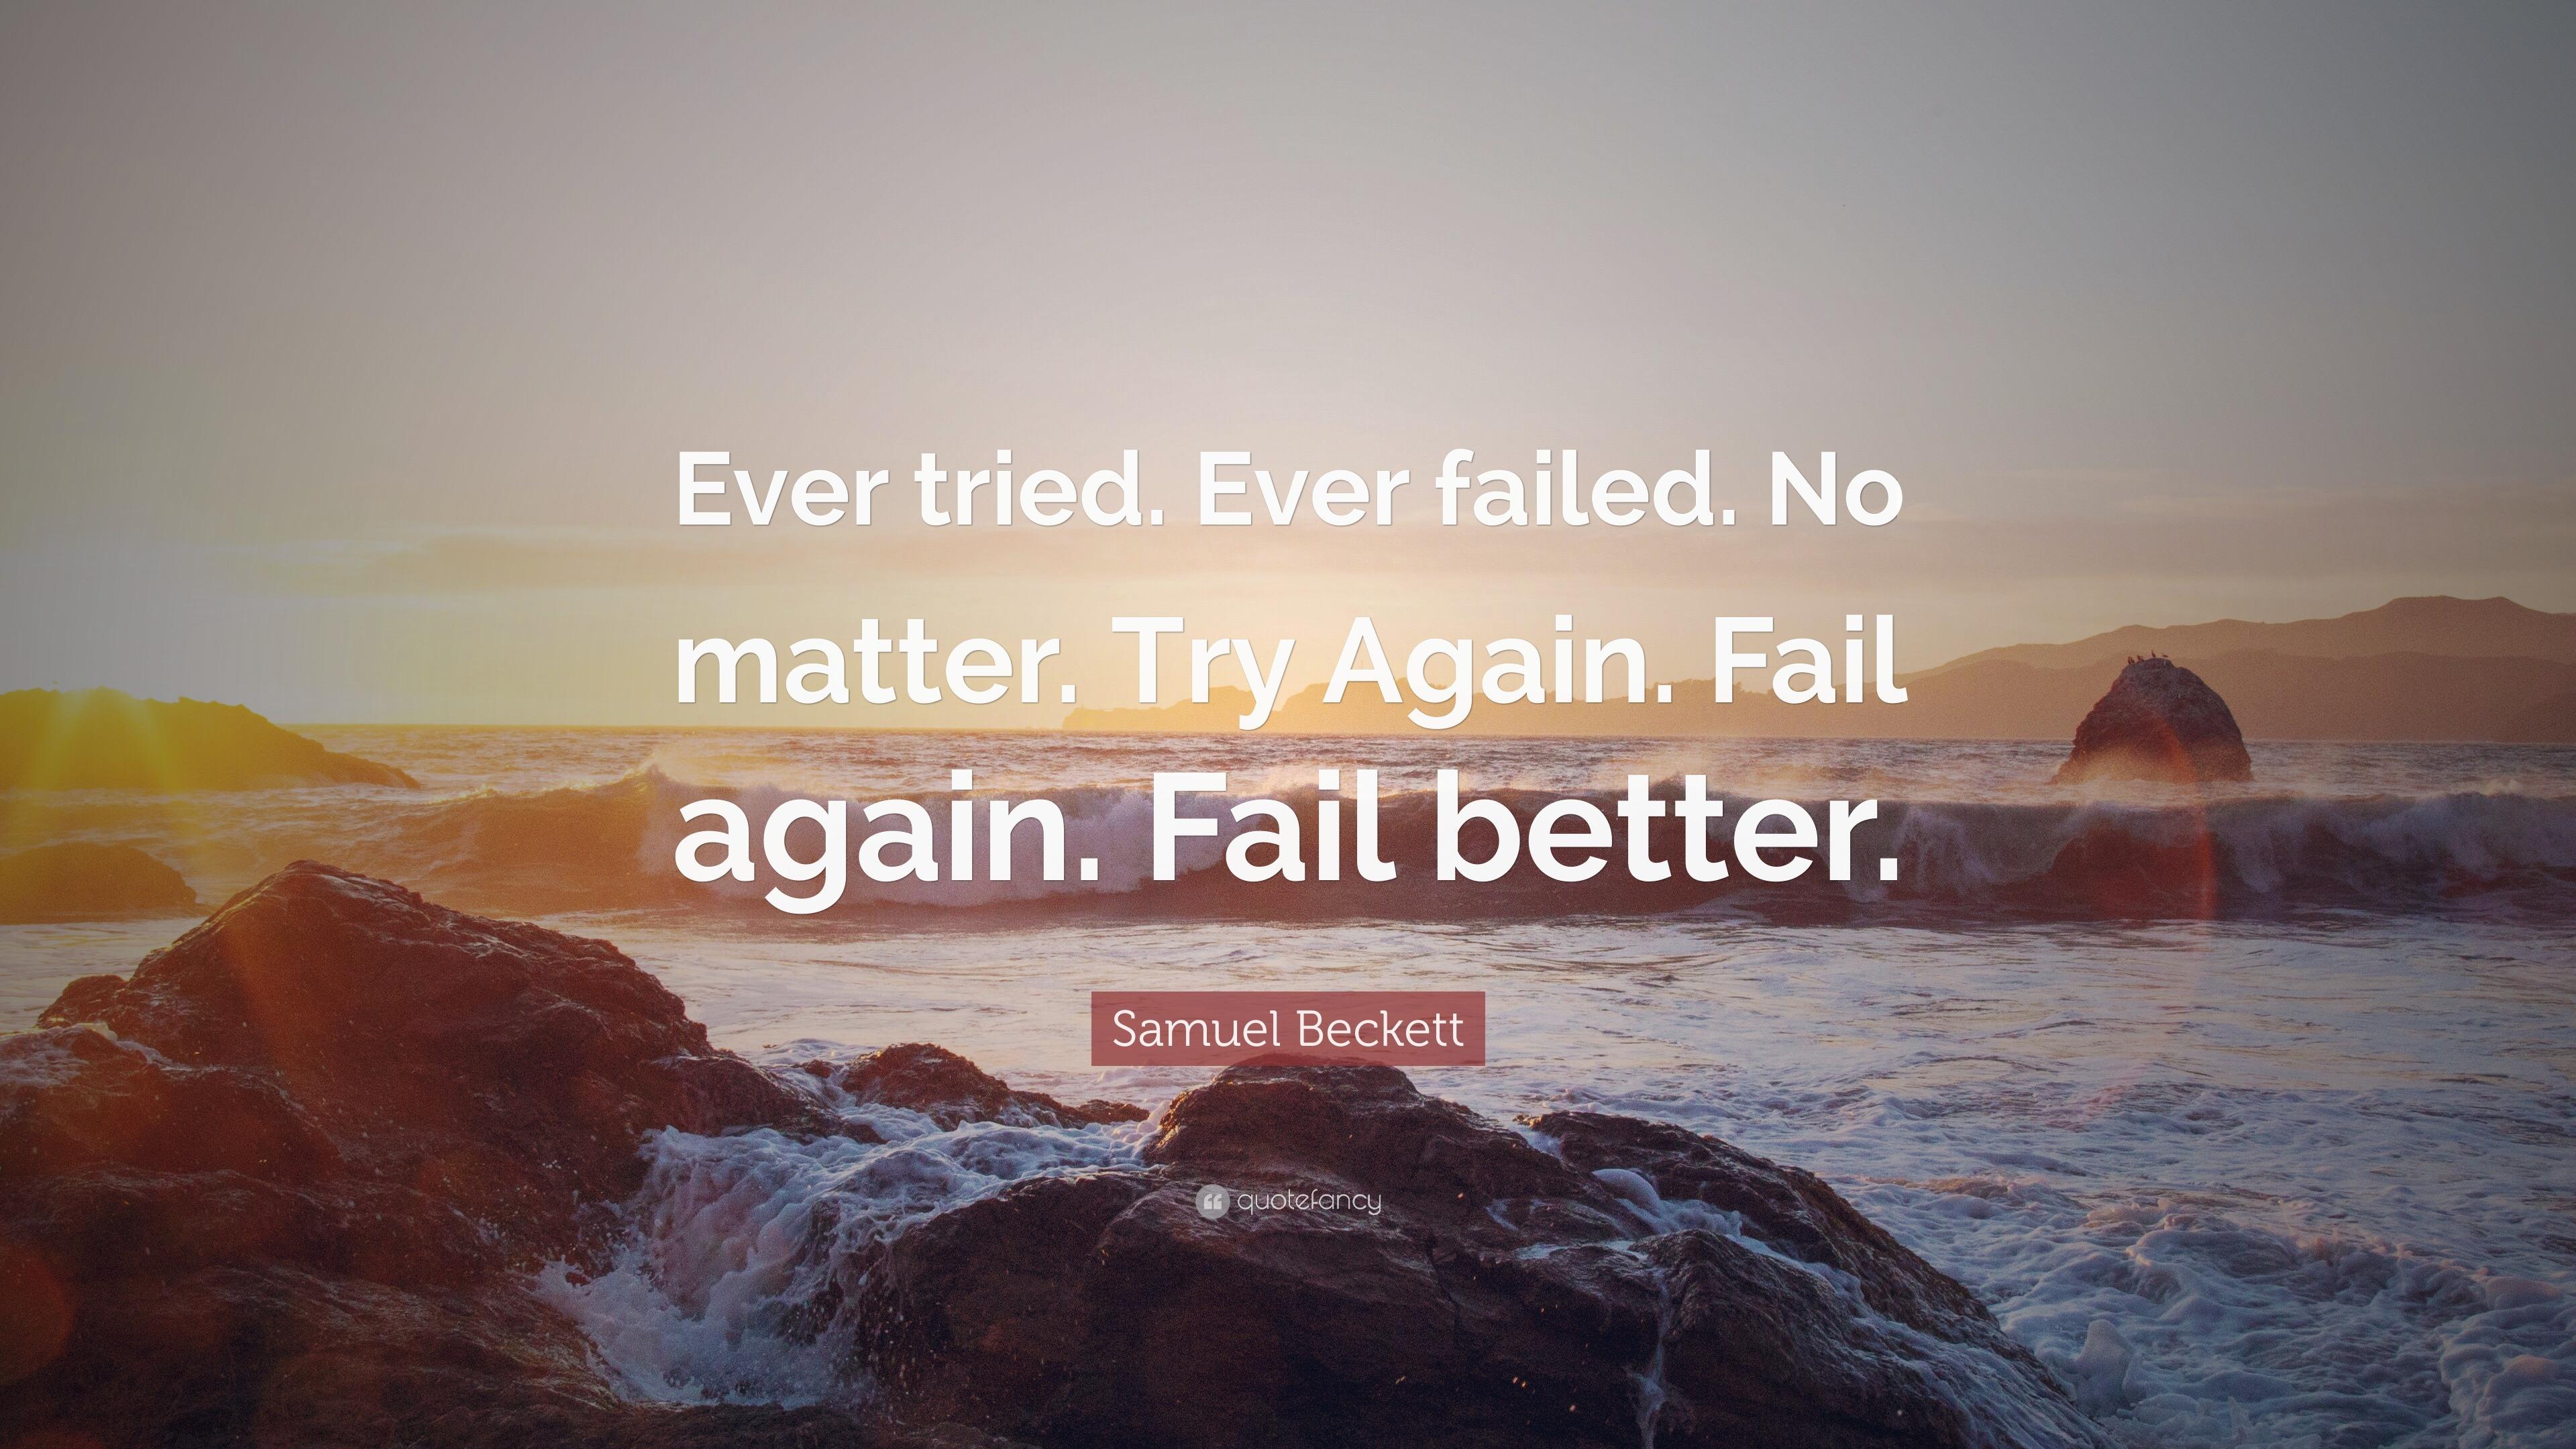 No Fail Again Better Wallpaper Matter Tried Failed Ever Fail Again Try Ever